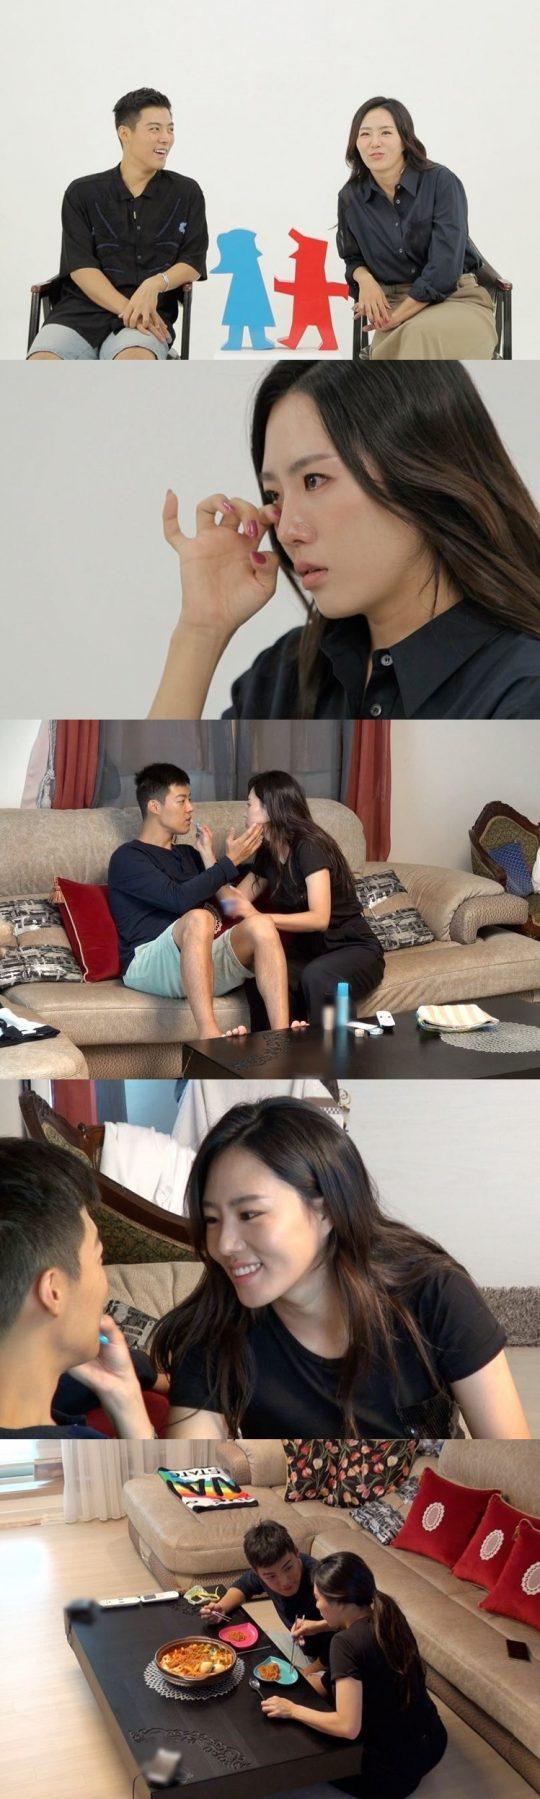 SBS '동상이몽 시즌2 – 너는 내 운명' 스틸컷. /사진제공=SBS